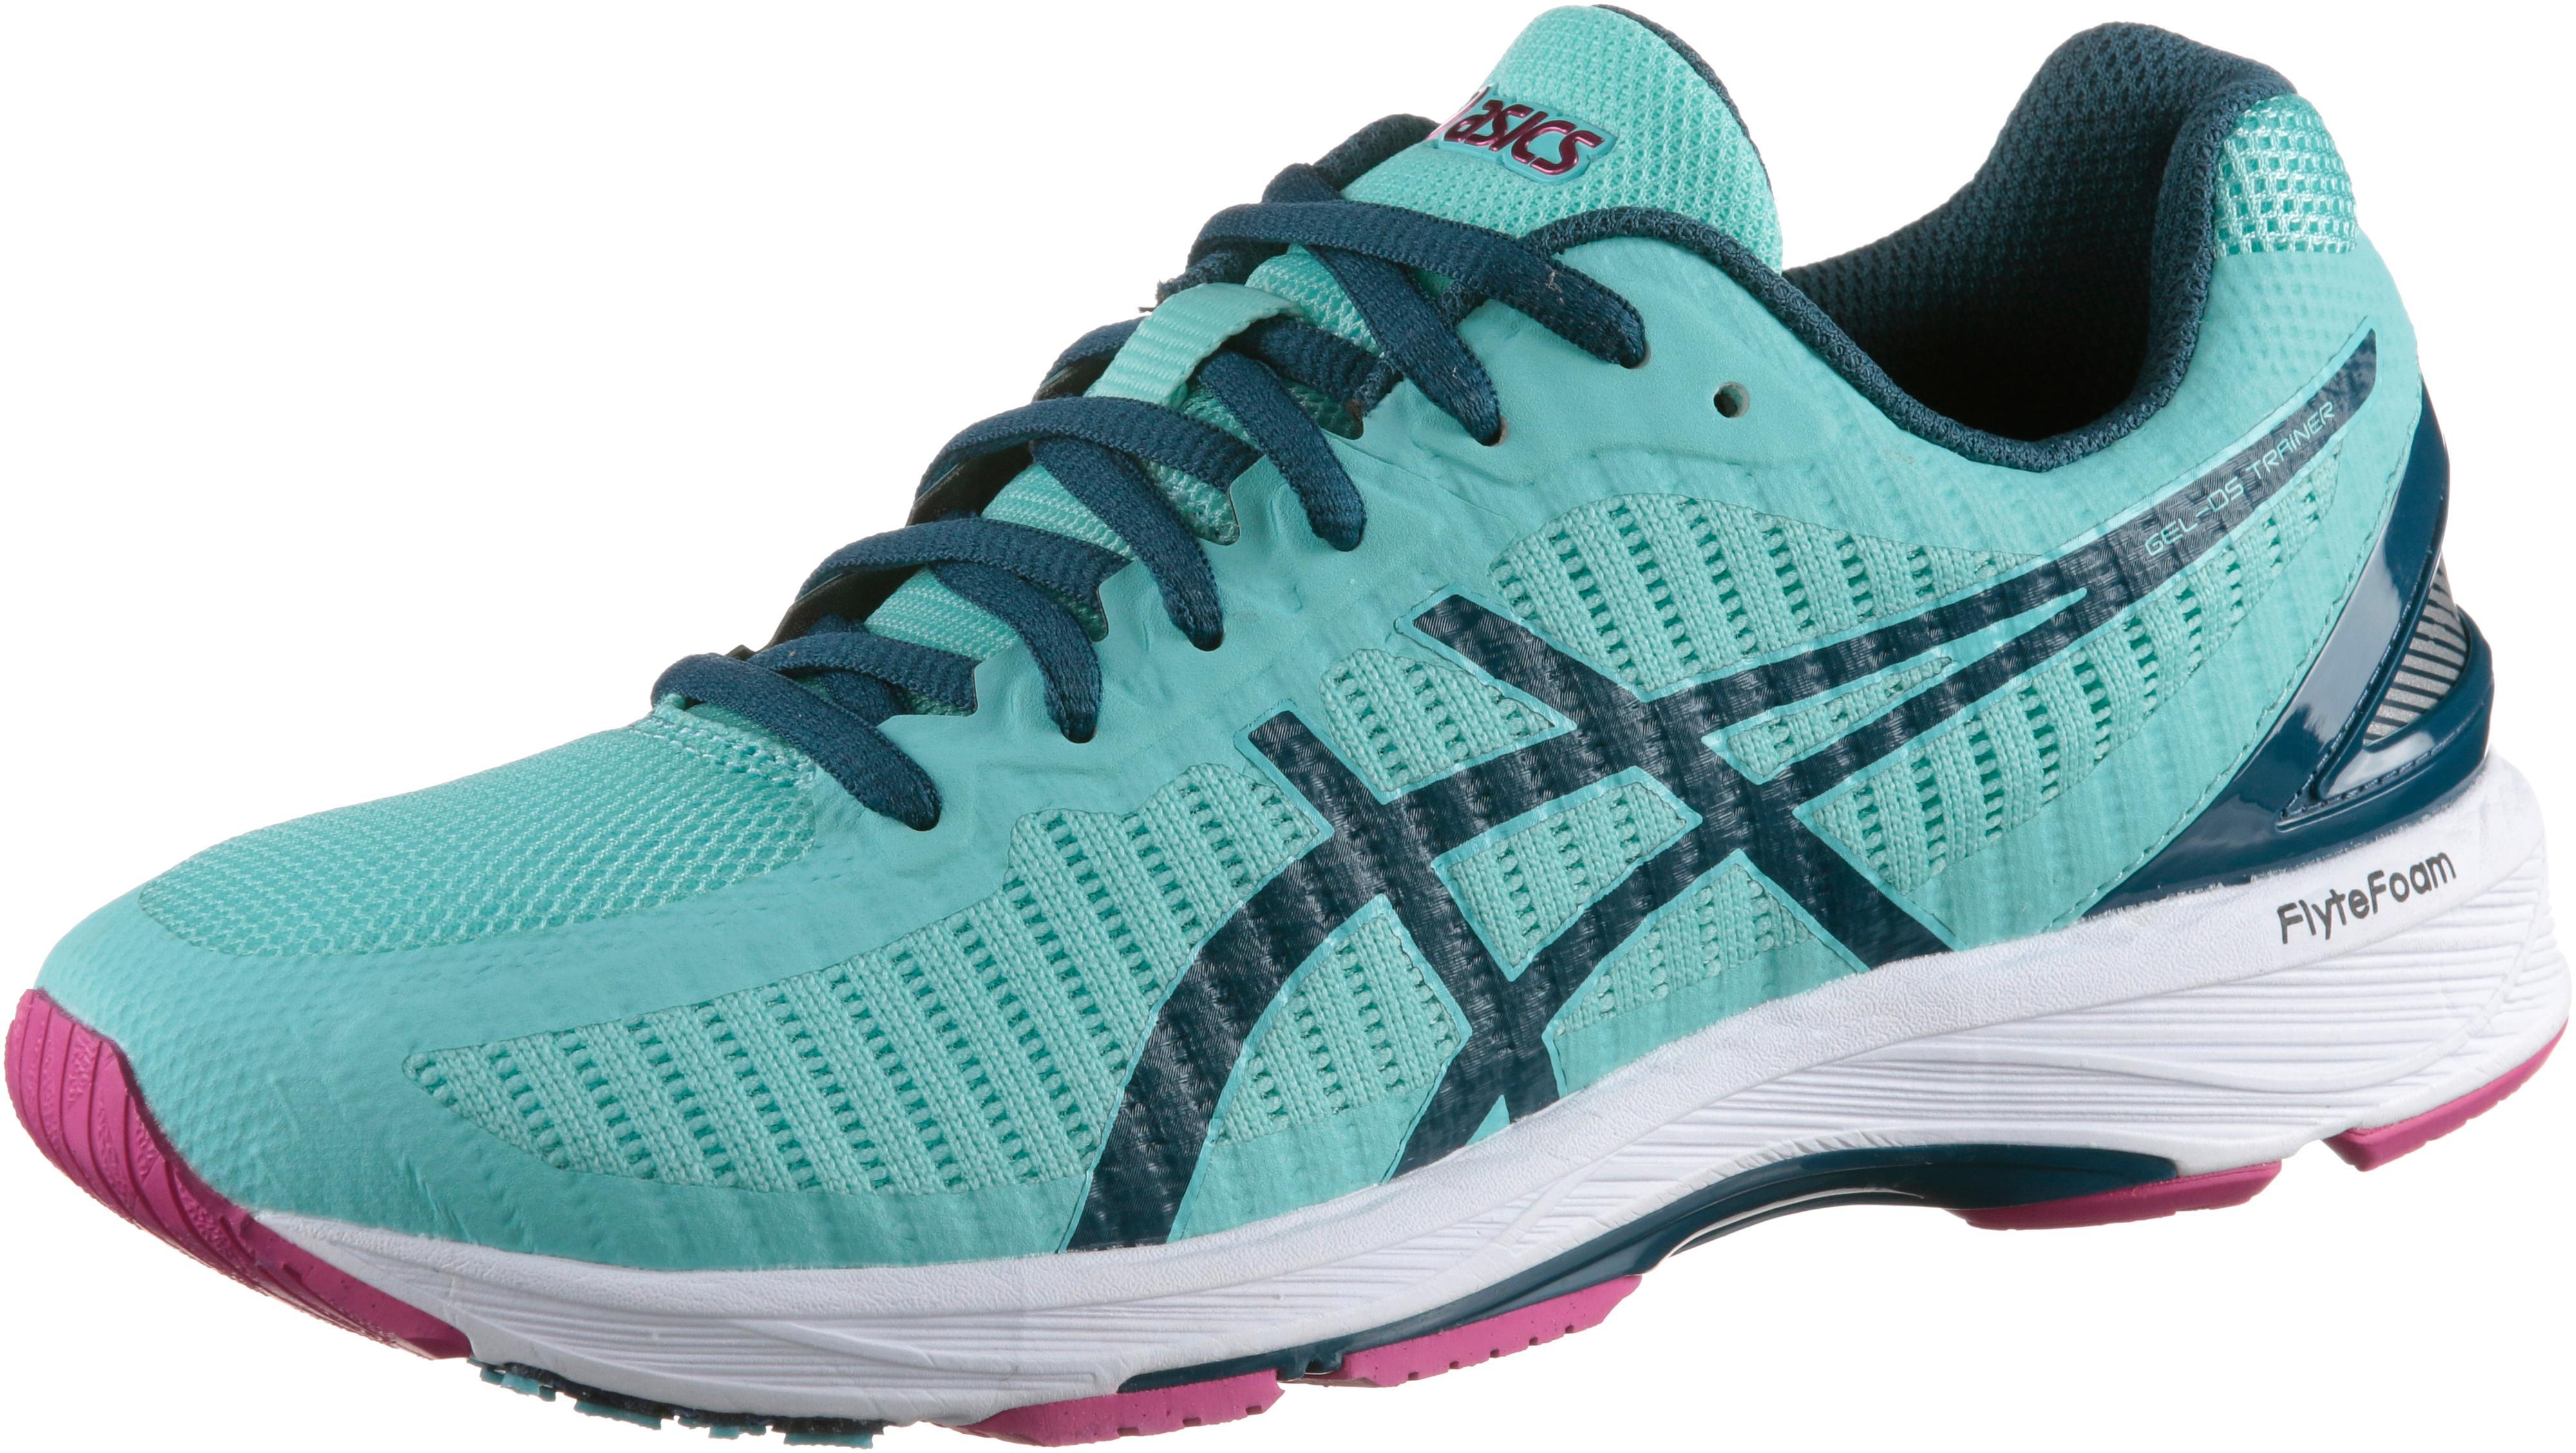 ASICS GEL-DS TRAINER 23 Laufschuhe Damen aruba blue-ink blue-fuchsia purple  im Online Shop von SportScheck kaufen